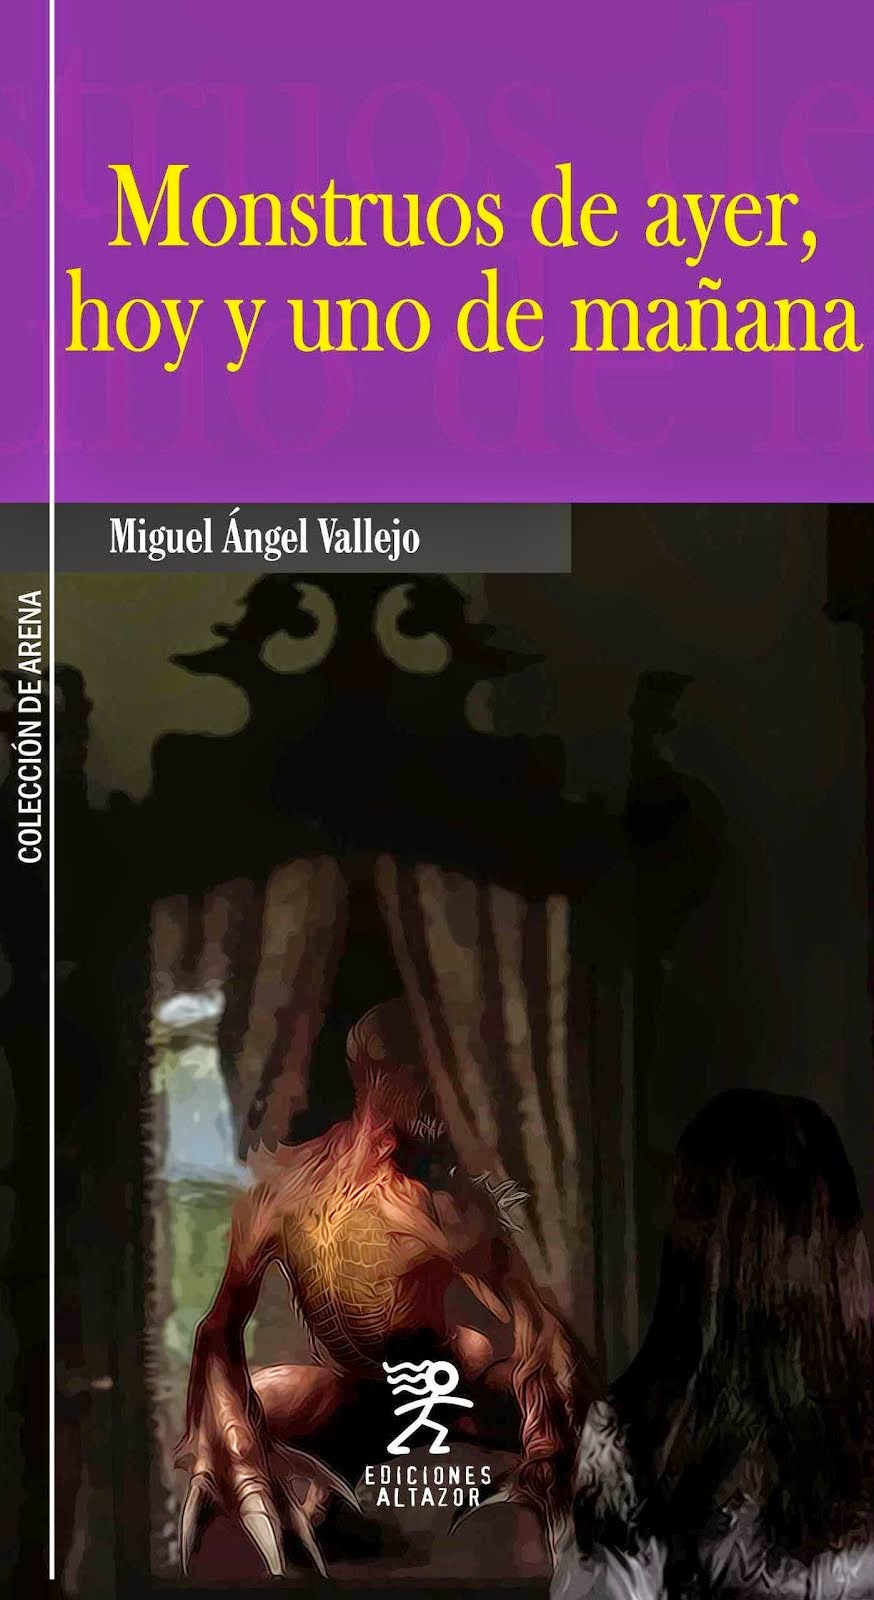 Monstruos de ayer, hoy y uno de mañana - Miguel Ángel Vallejo